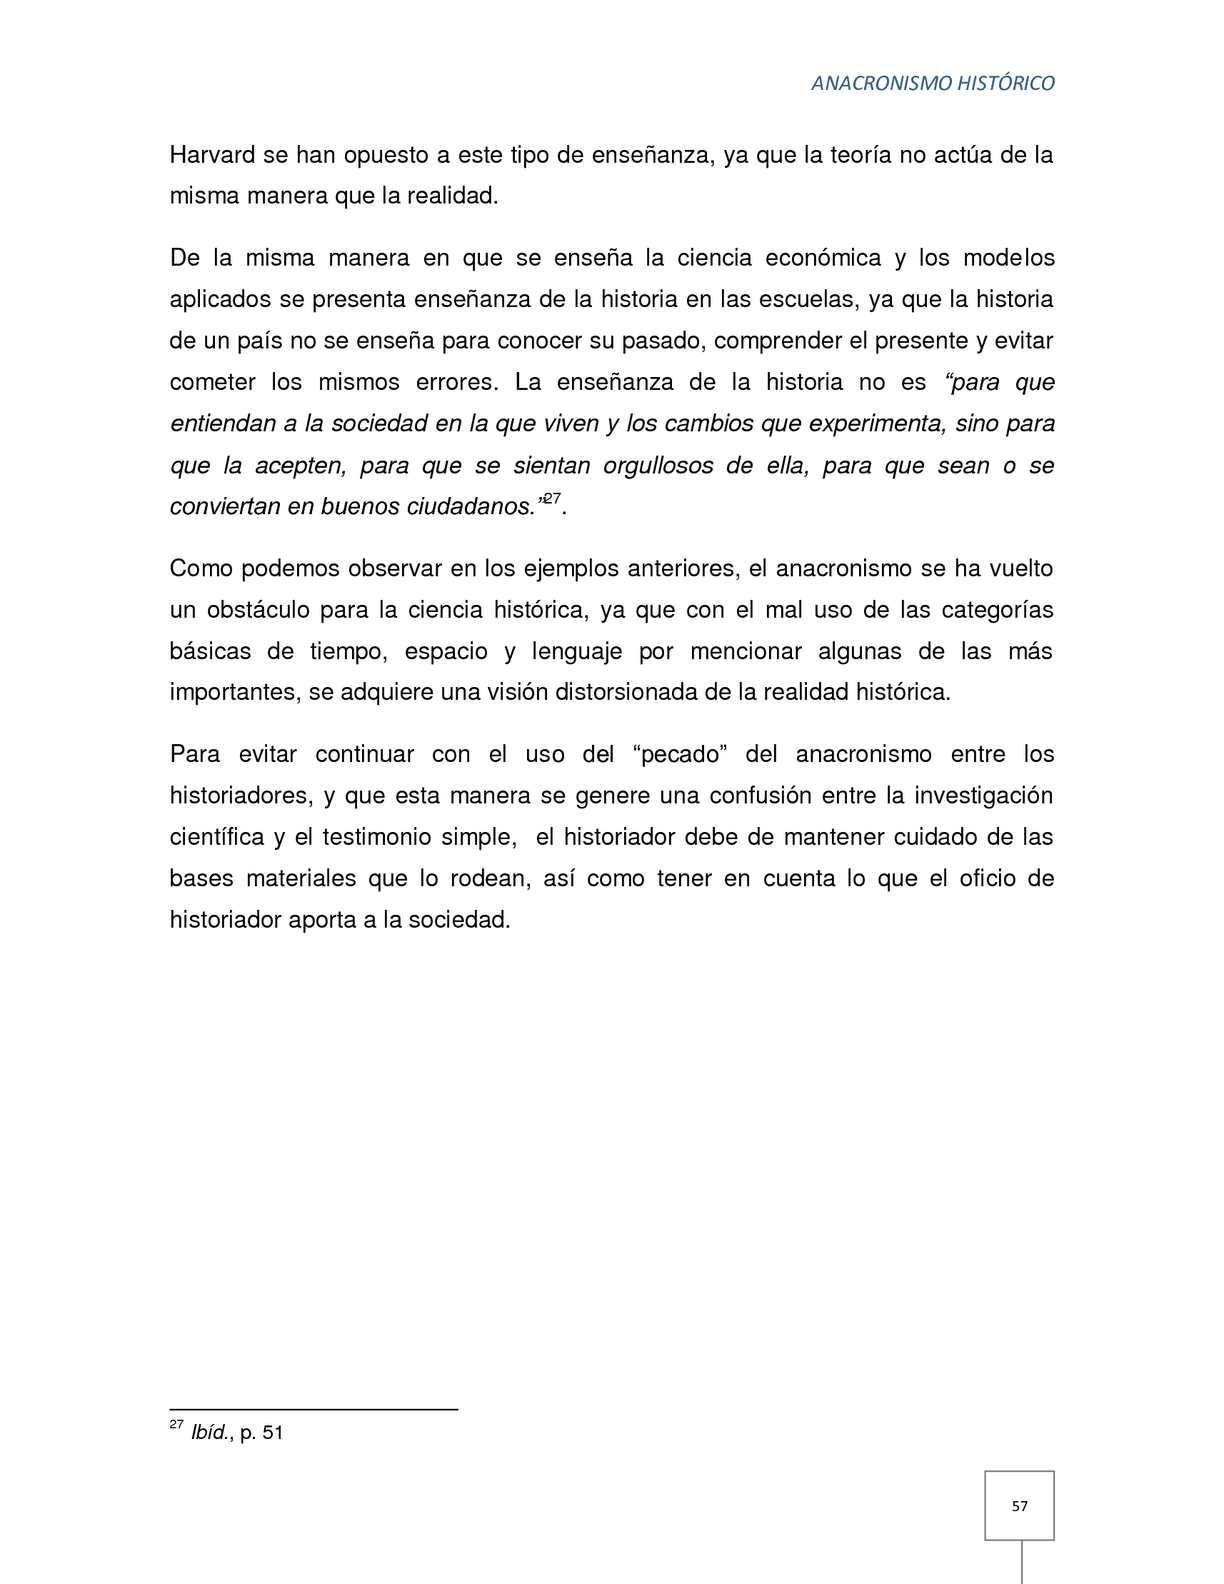 Asombroso Reanudar Ejemplos Básicos Ilustración - Ejemplo De ...